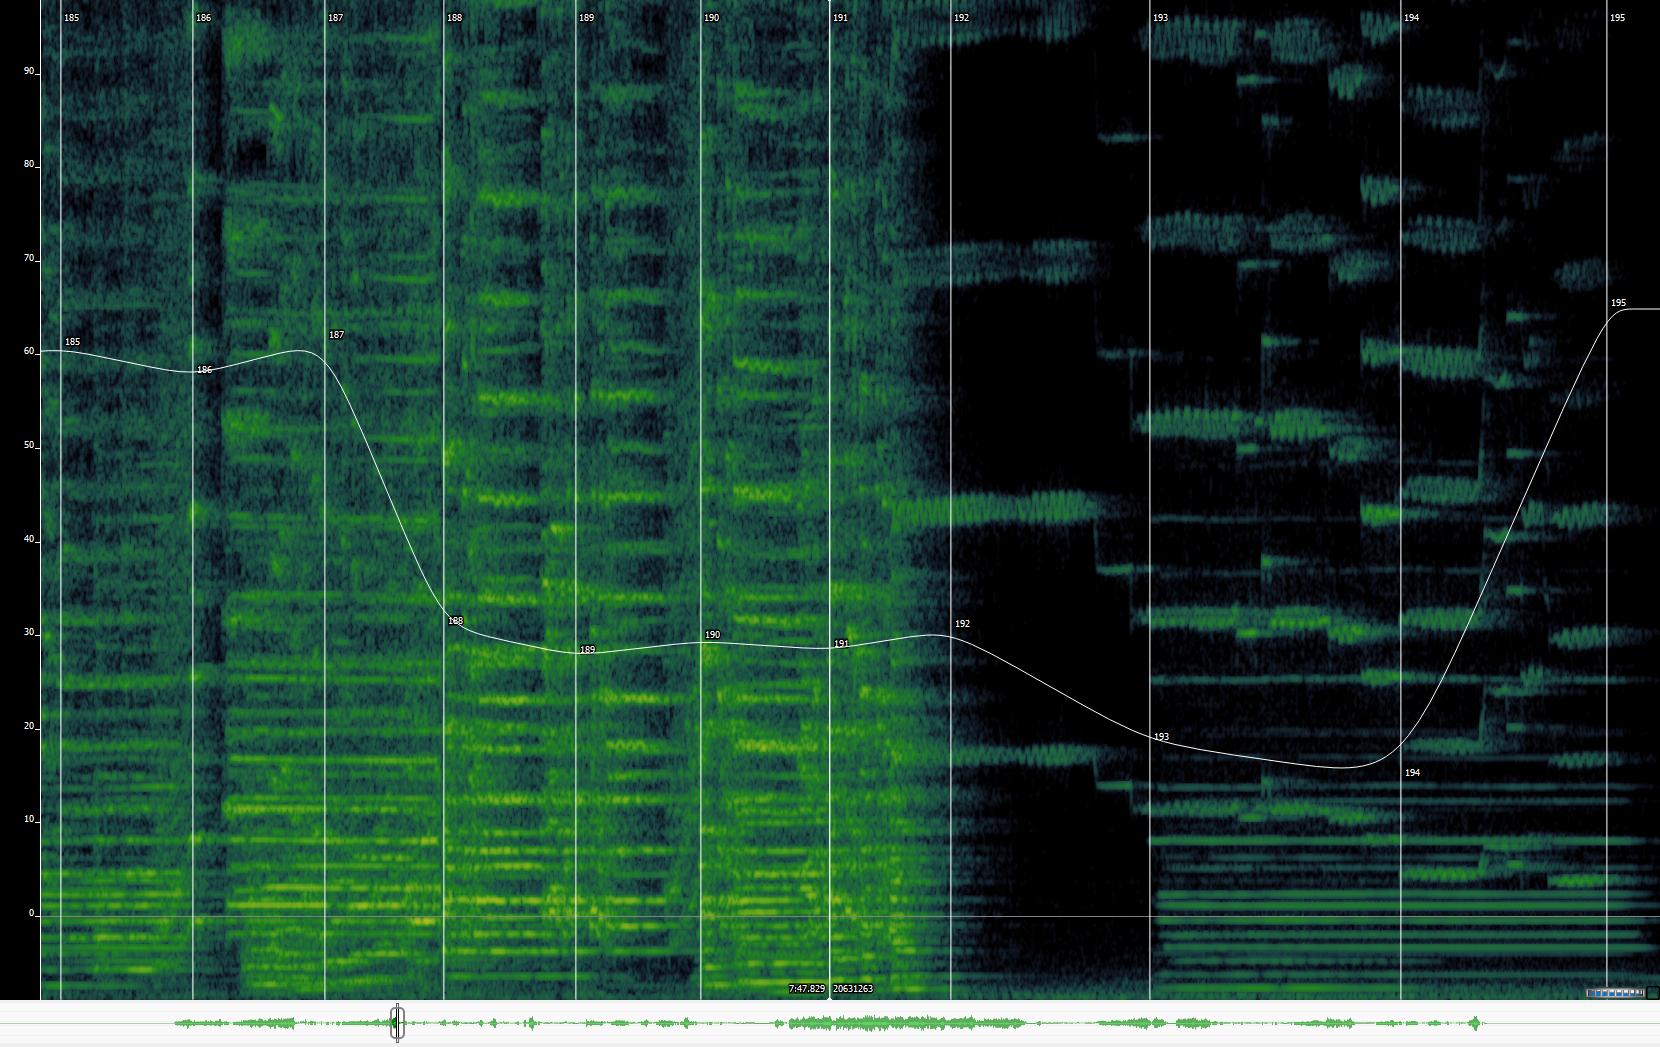 Beginn des Violinsolos (Solist: Michel Schwalbé) in: Richard Strauss,Ein Heldenleben. Berliner Philharmoniker, Herbert von Karajan, Aufnahme von 1959 im Sonic Visualizer ·Foto© Thomas Wozonig